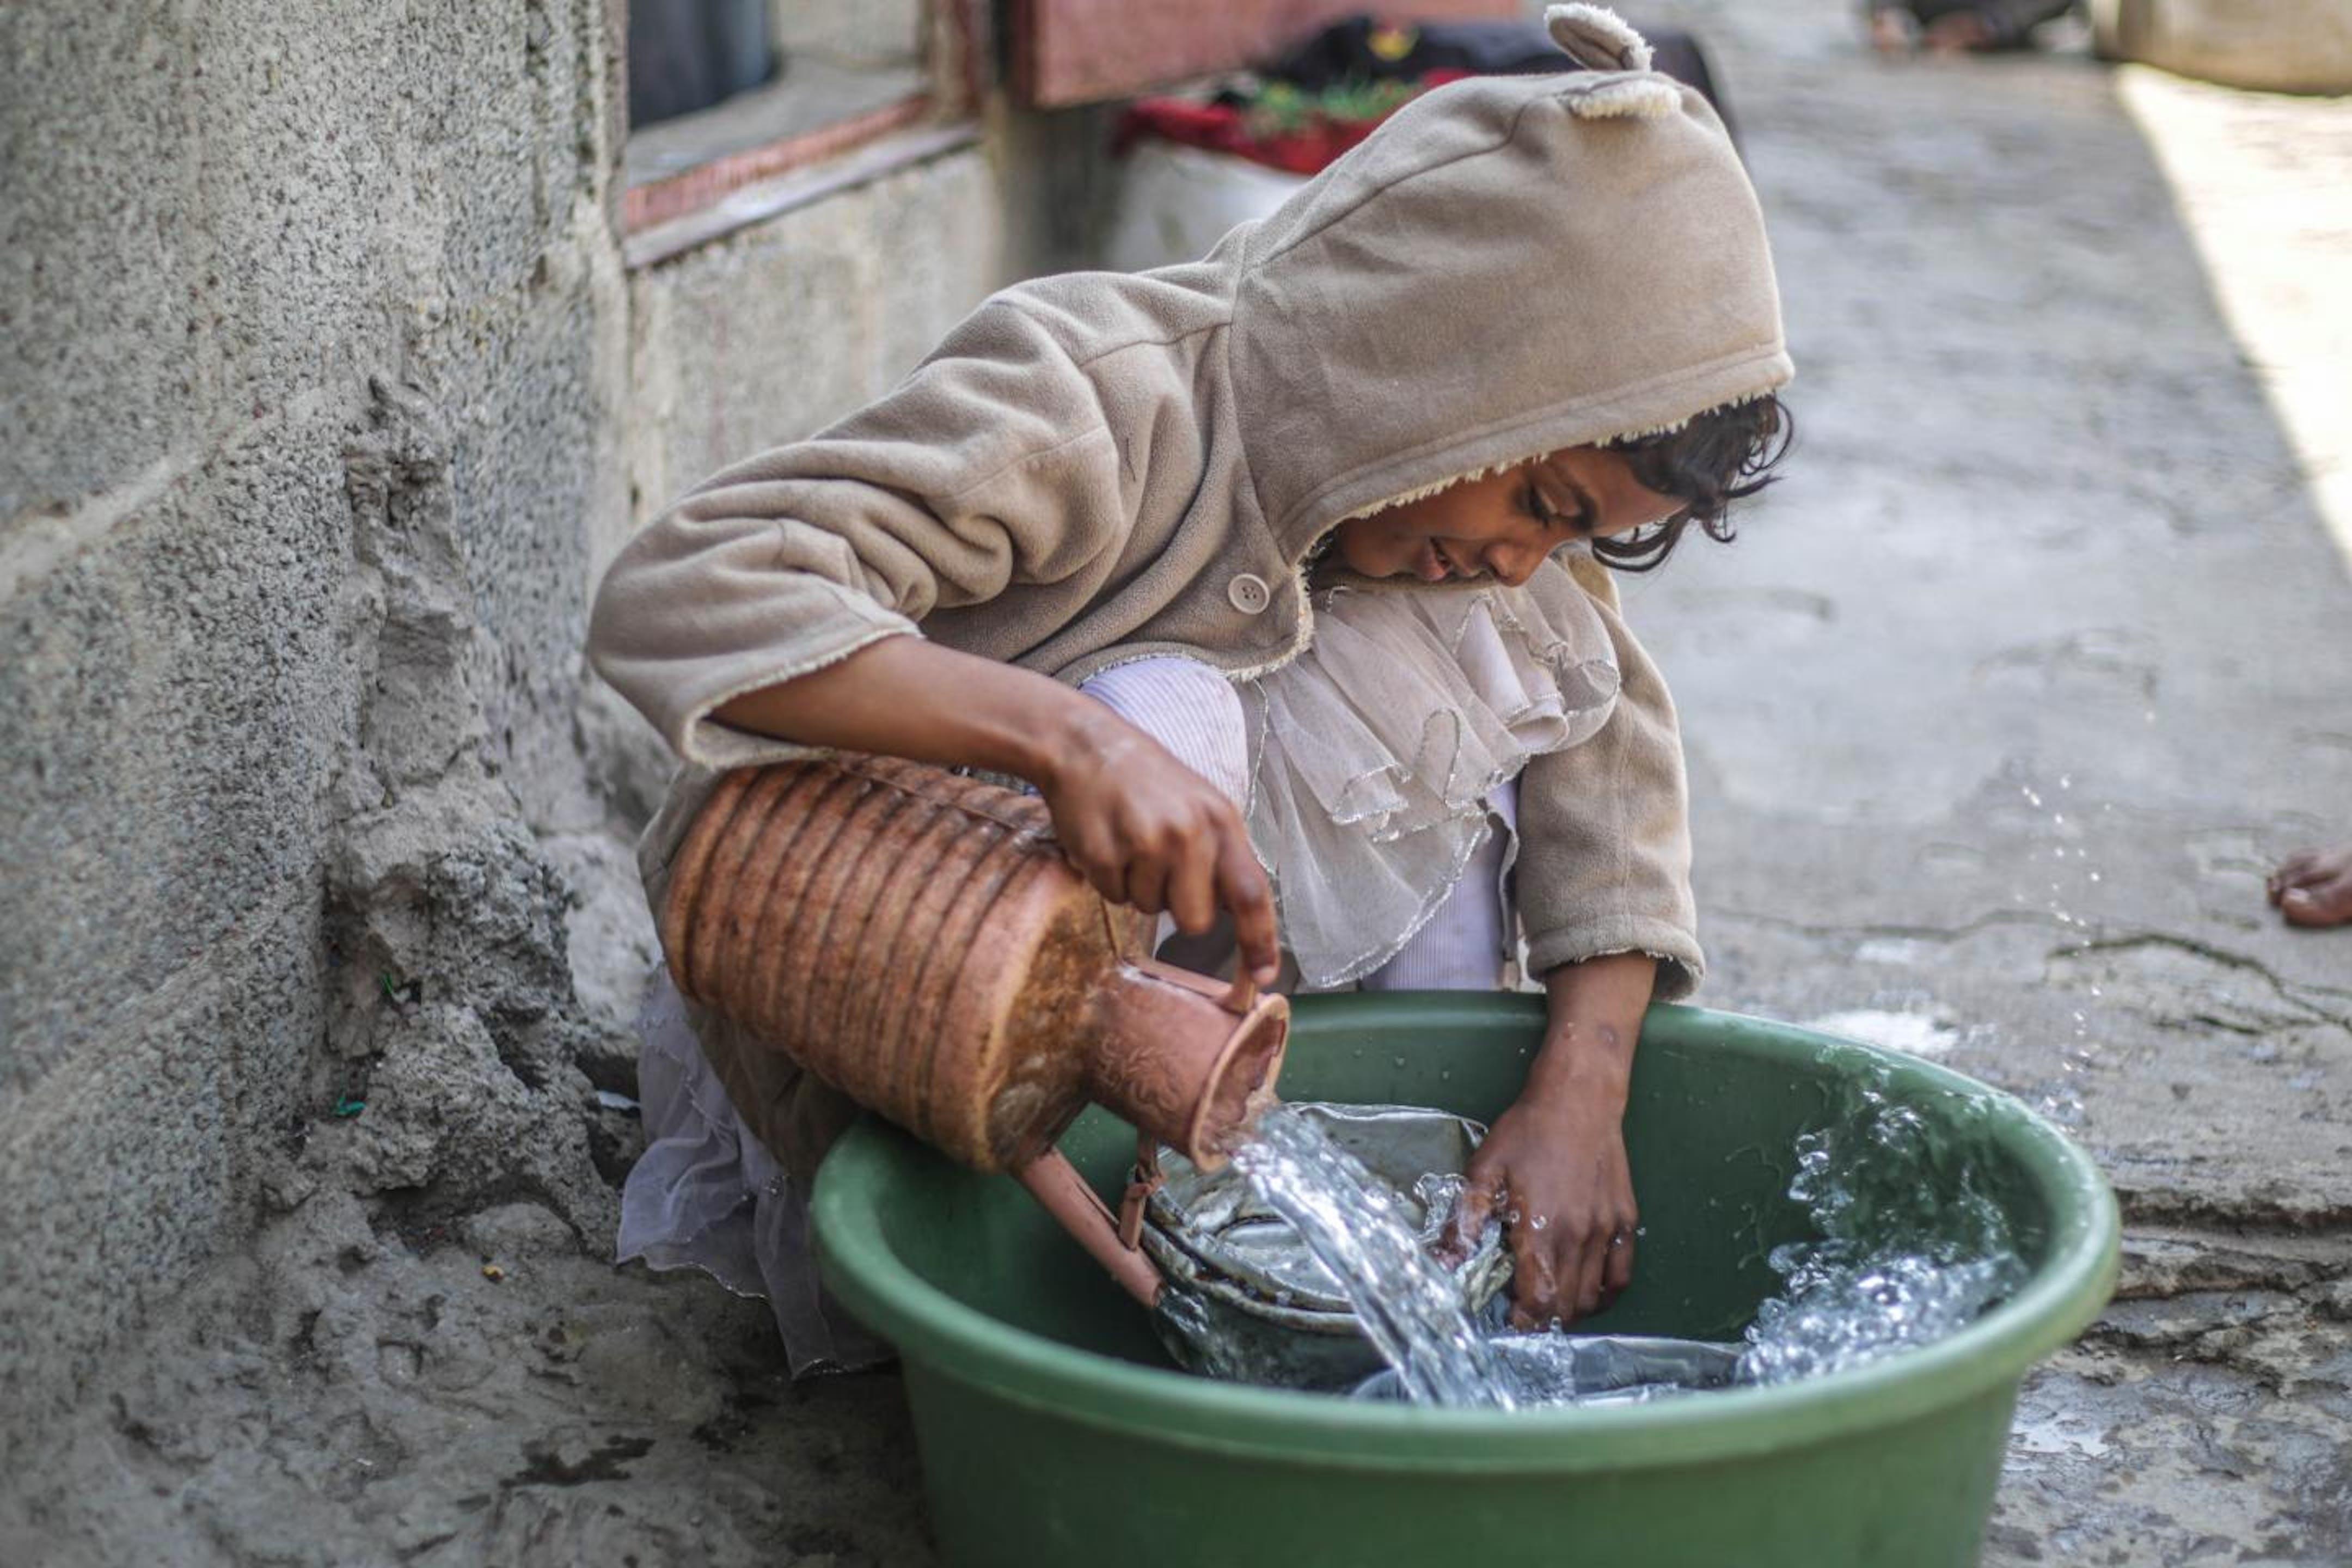 Yemen: Sara Fawzi, 14 anni, in un campo per sfollati con la sua famiglia lava i piatti. L'acqua è tornata disponibile grazie al ripristino del pozzo con il sostegno dell'UNICEF